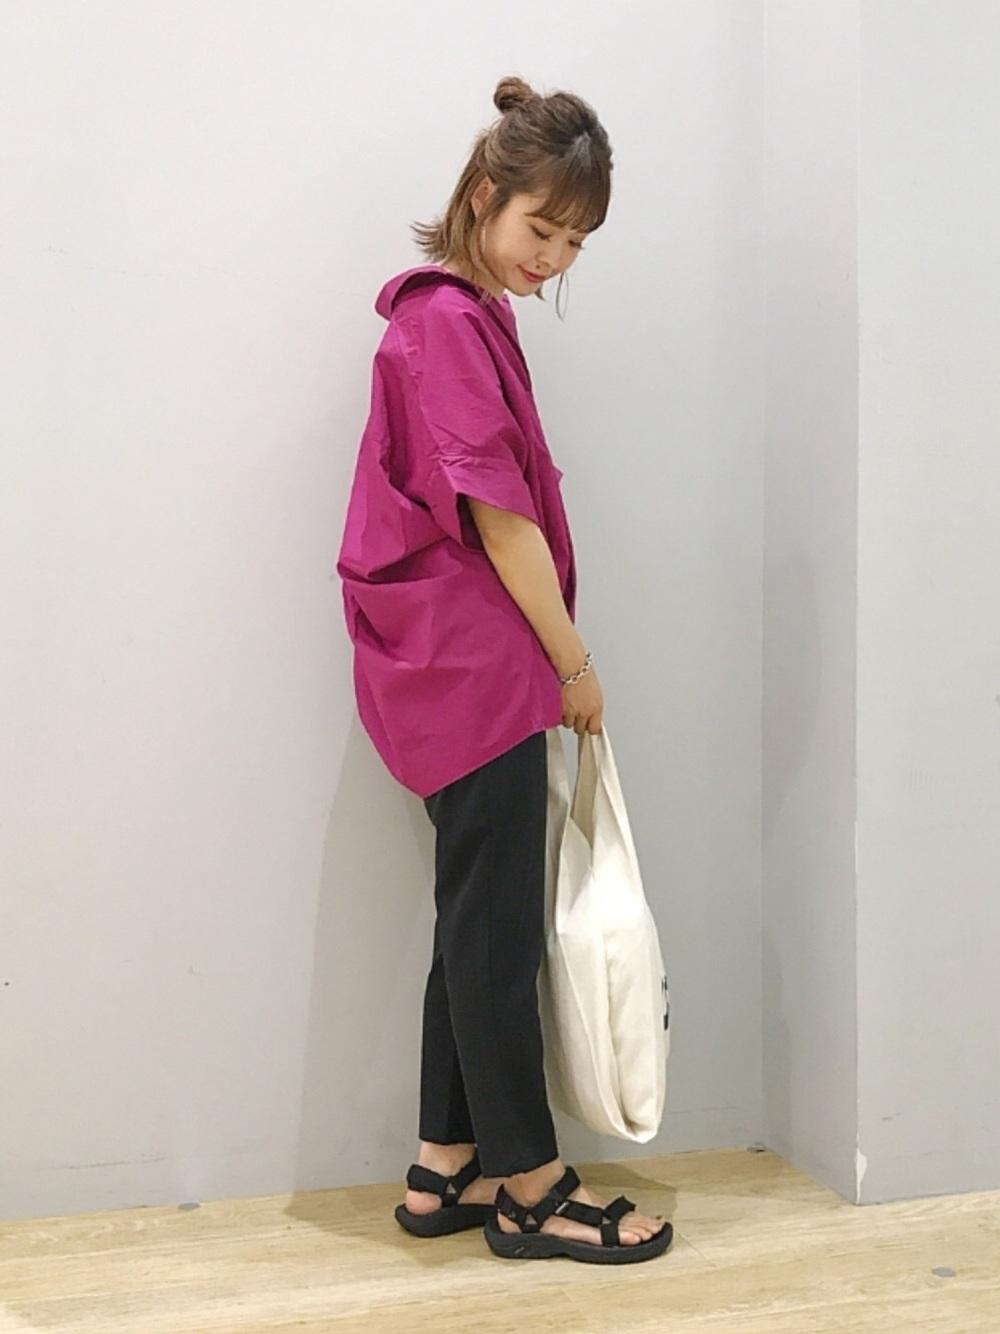 ビビッドピンクシャツ×黒パンツ